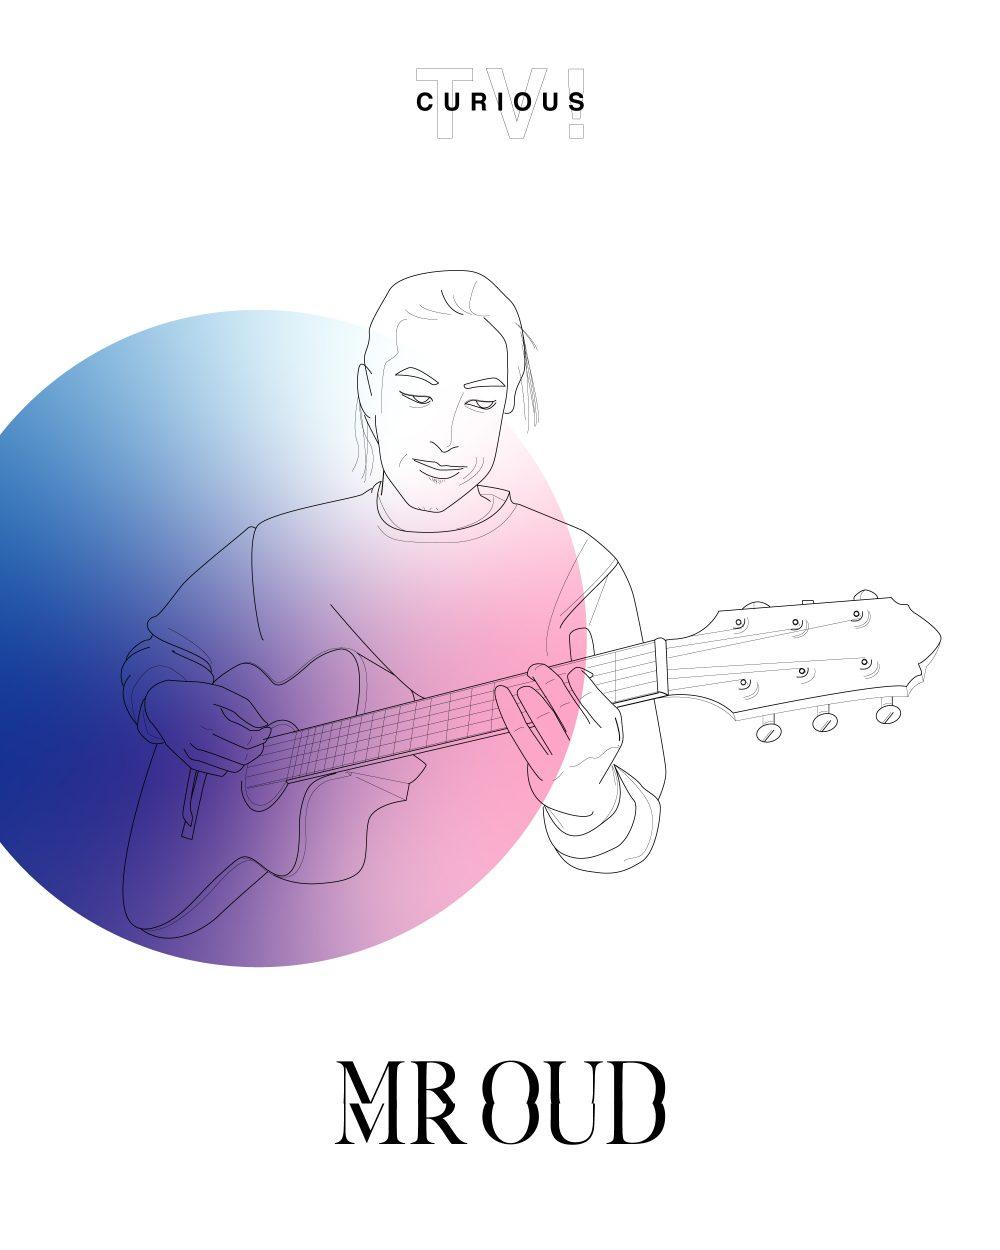 MR-OUD